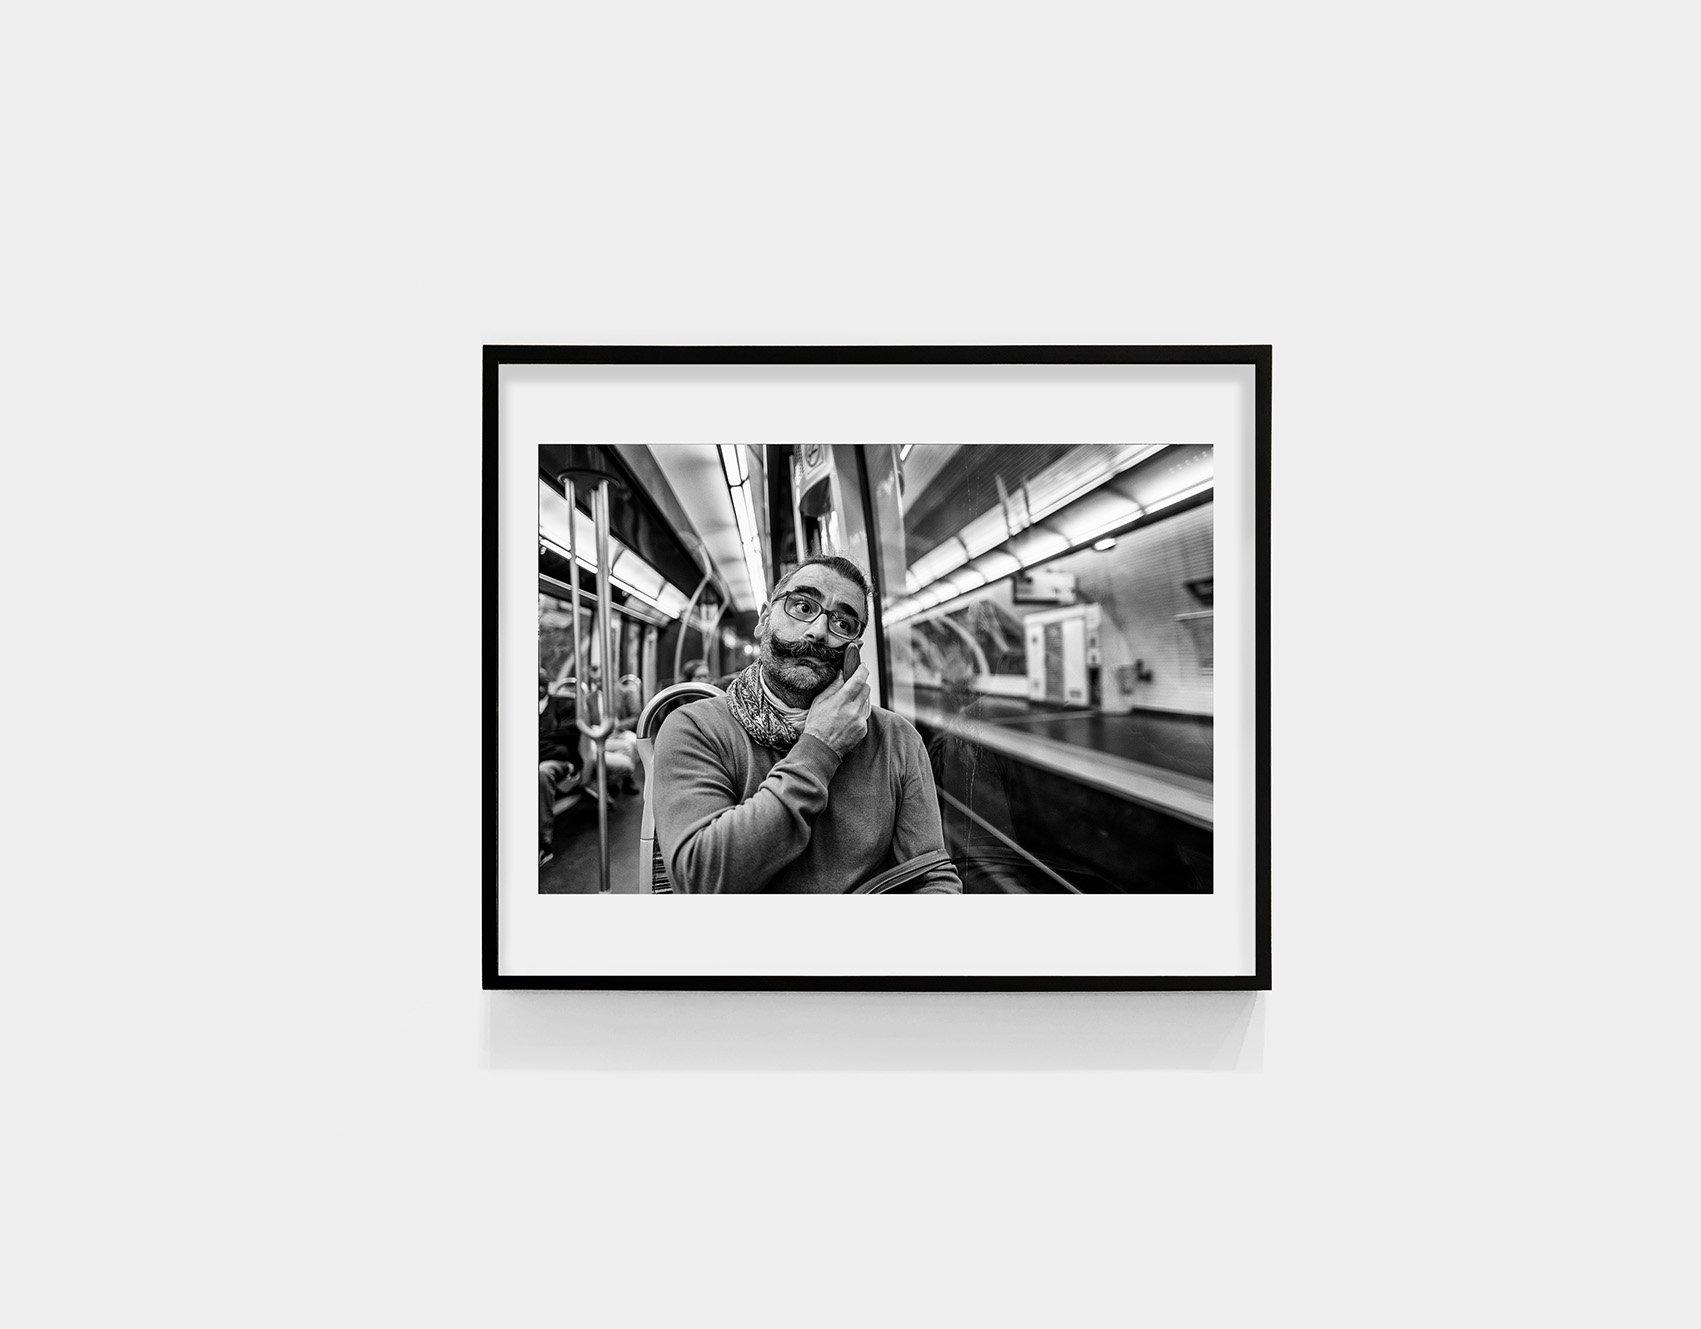 Tirage_Laurent_Delhourme_Metro_parisien